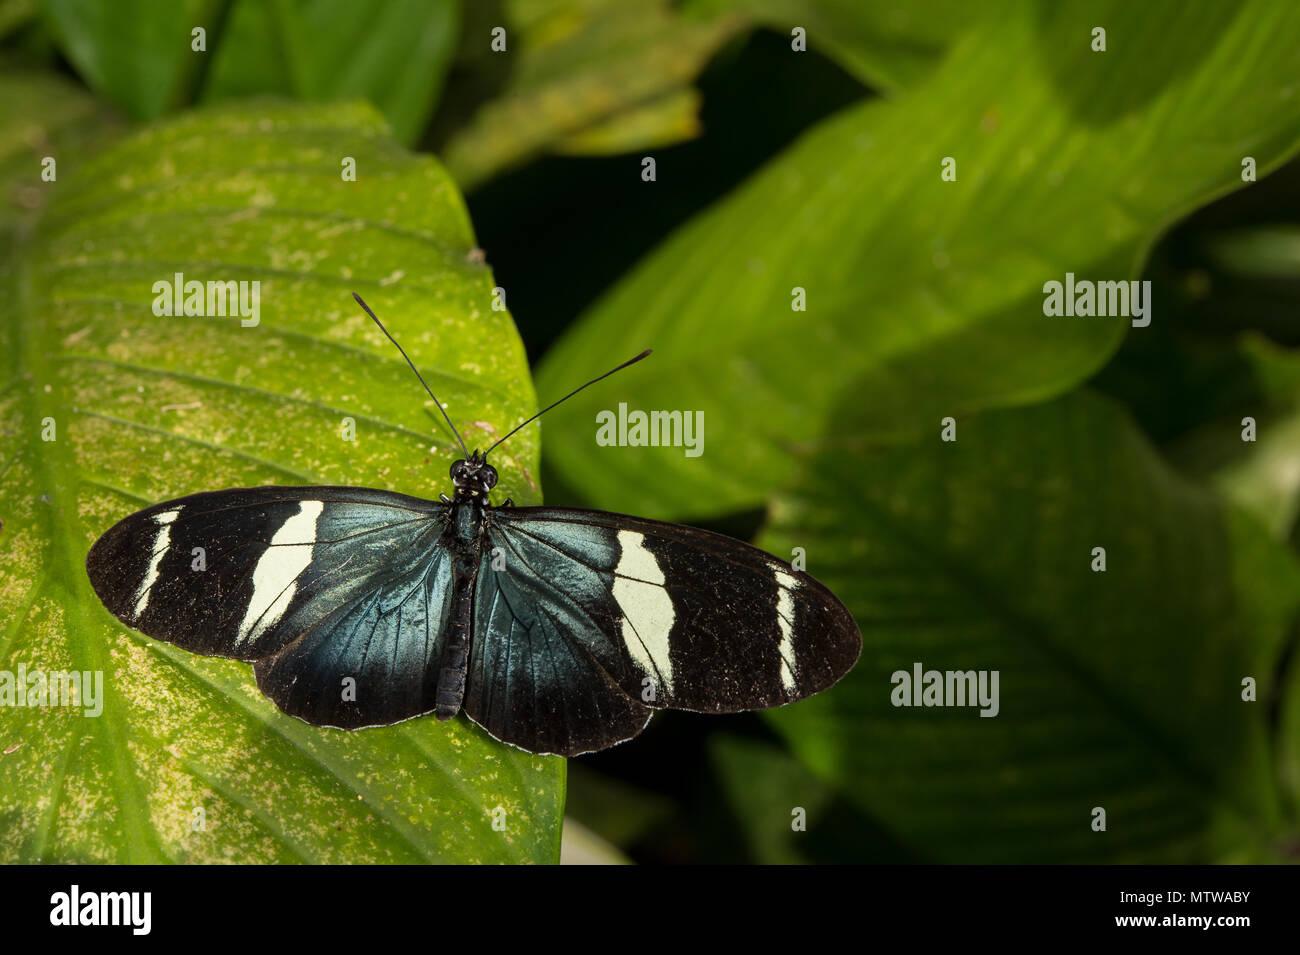 Sapho Longwing, Heliconius sapho, Nymphalidae, Costa Rica - Stock Image